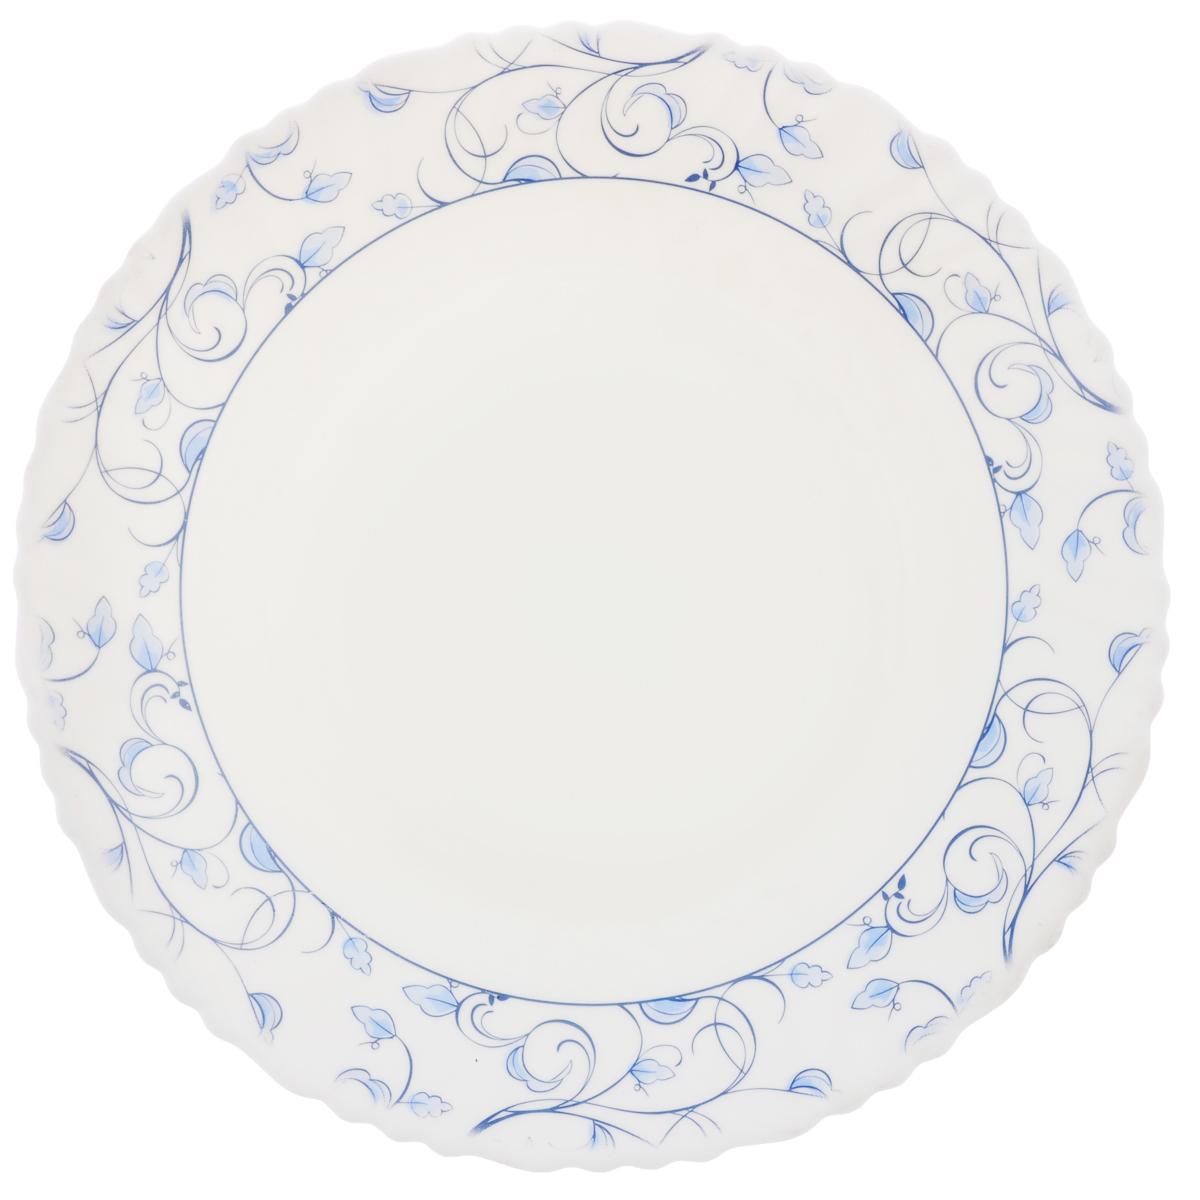 Тарелка обеденная Chinbull Нормандия, диаметр 24 см115510Обеденная тарелка Chinbull Нормандия, изготовленная из высококачественной стеклокерамики, украшена ярким цветочным рисунком. Изящный дизайн придется по вкусу и ценителям классики, и тем, кто предпочитает утонченность. Тарелка Chinbull Нормандия идеально подойдет для сервировки стола и станет отличным подарком к любому празднику.Диаметр (по верхнему краю): 24 см.